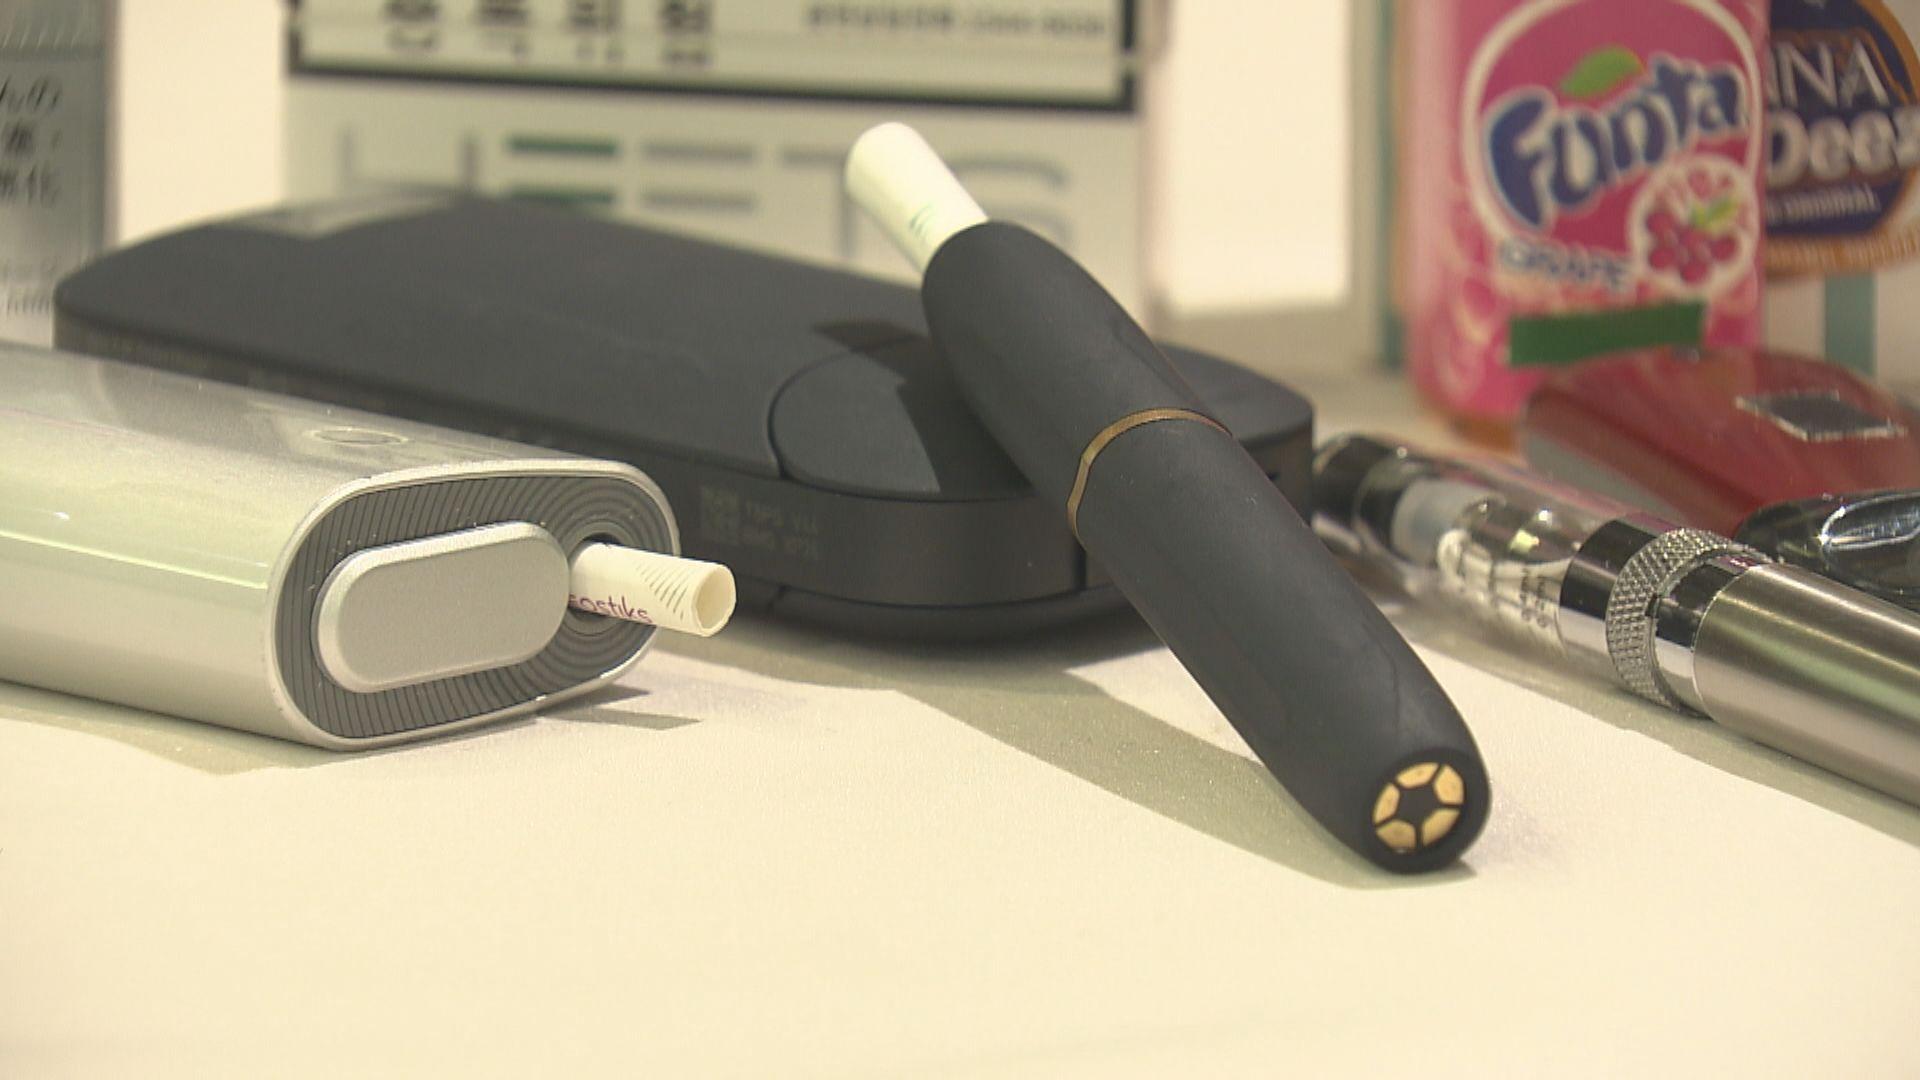 全禁另類吸煙產品 吸煙與健康委員會歡迎 煙草事務協會遺憾